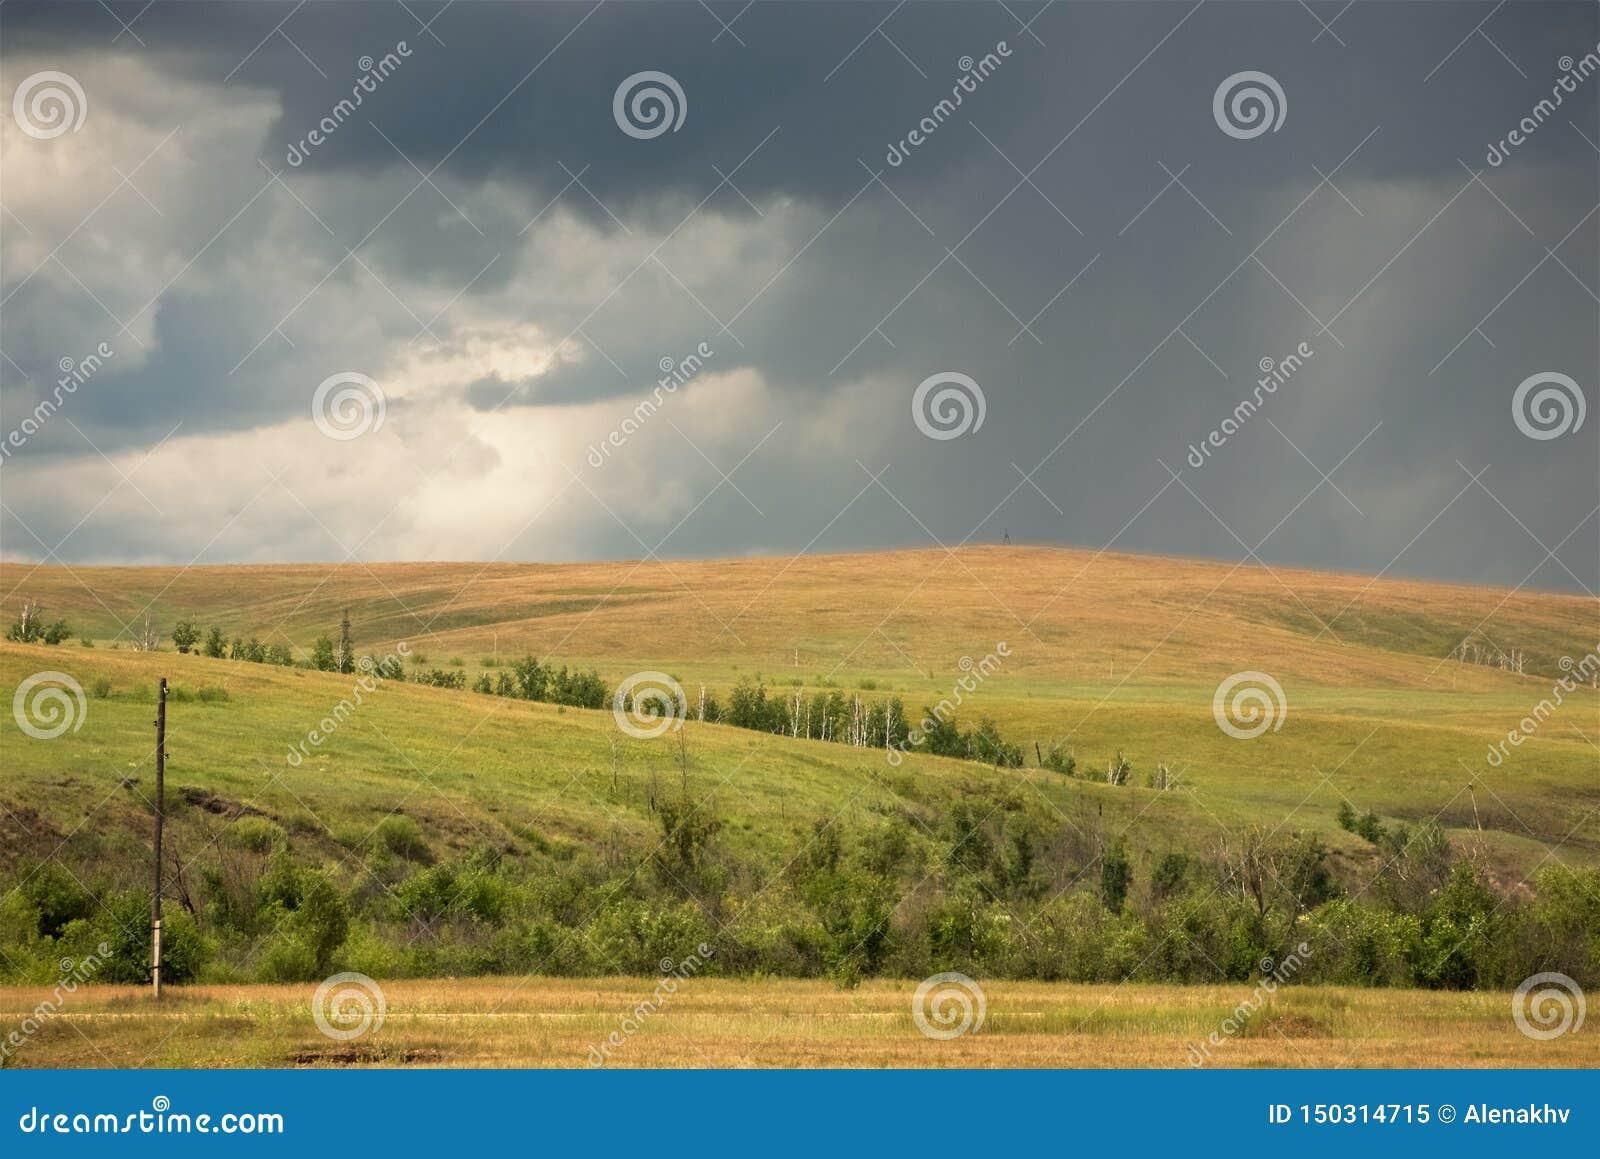 Γκρίζες θυελλώδεις γραμμές ουρανού και βροχής πέρα από τους κίτρινους τομείς